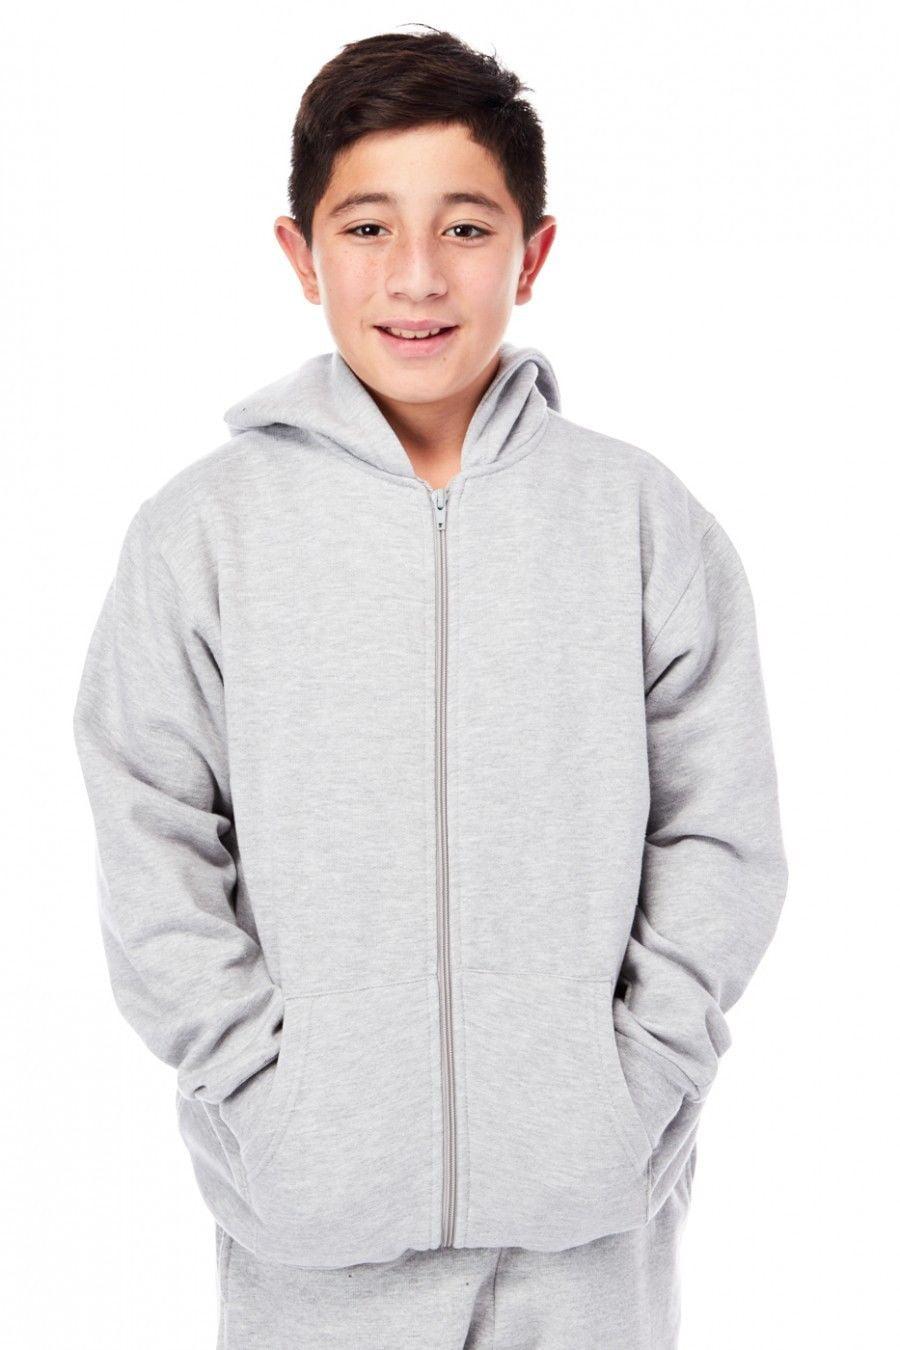 Boys Kids Solid Fleece Zip Up Hoodie Pocket Jacket 101